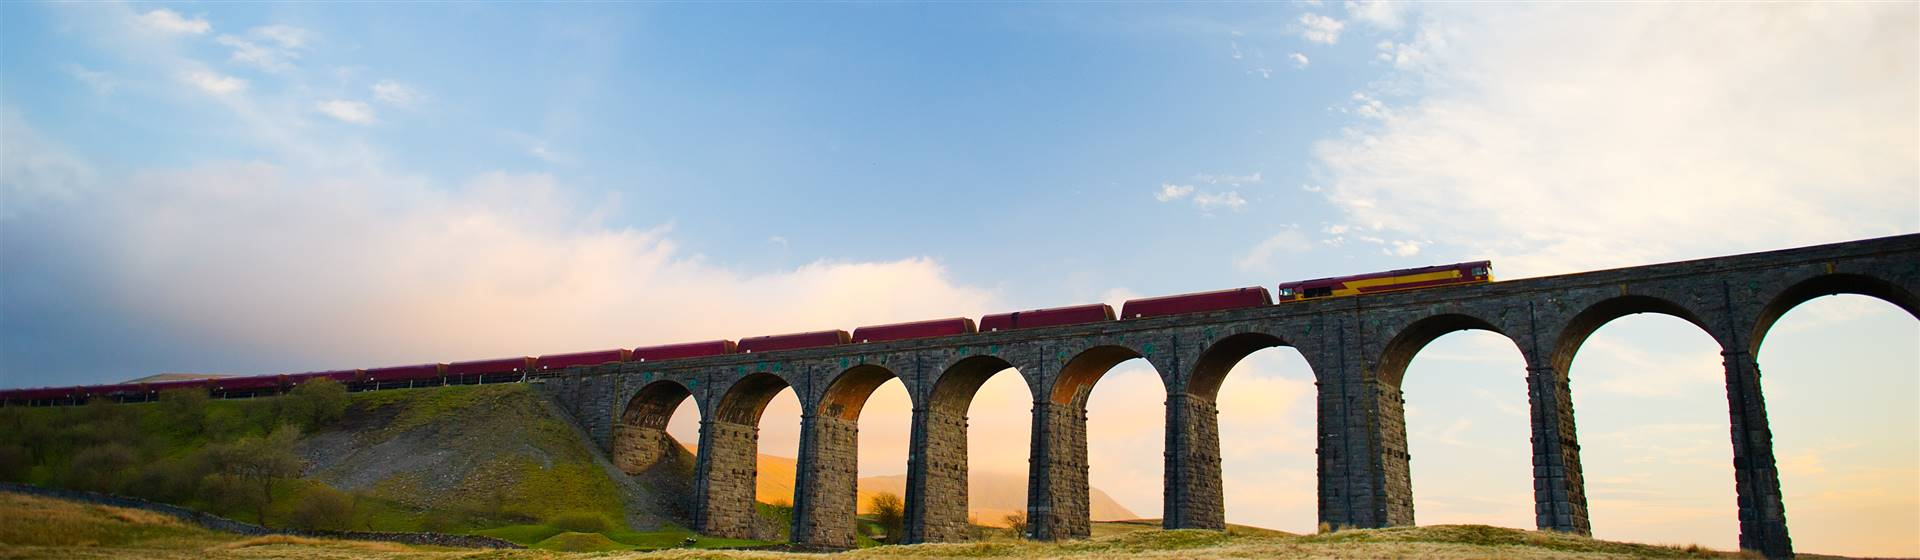 """<img src=""""ribble_head©shutterstock.jpeg"""" alt=""""Ribble Head Viaduct""""/>"""